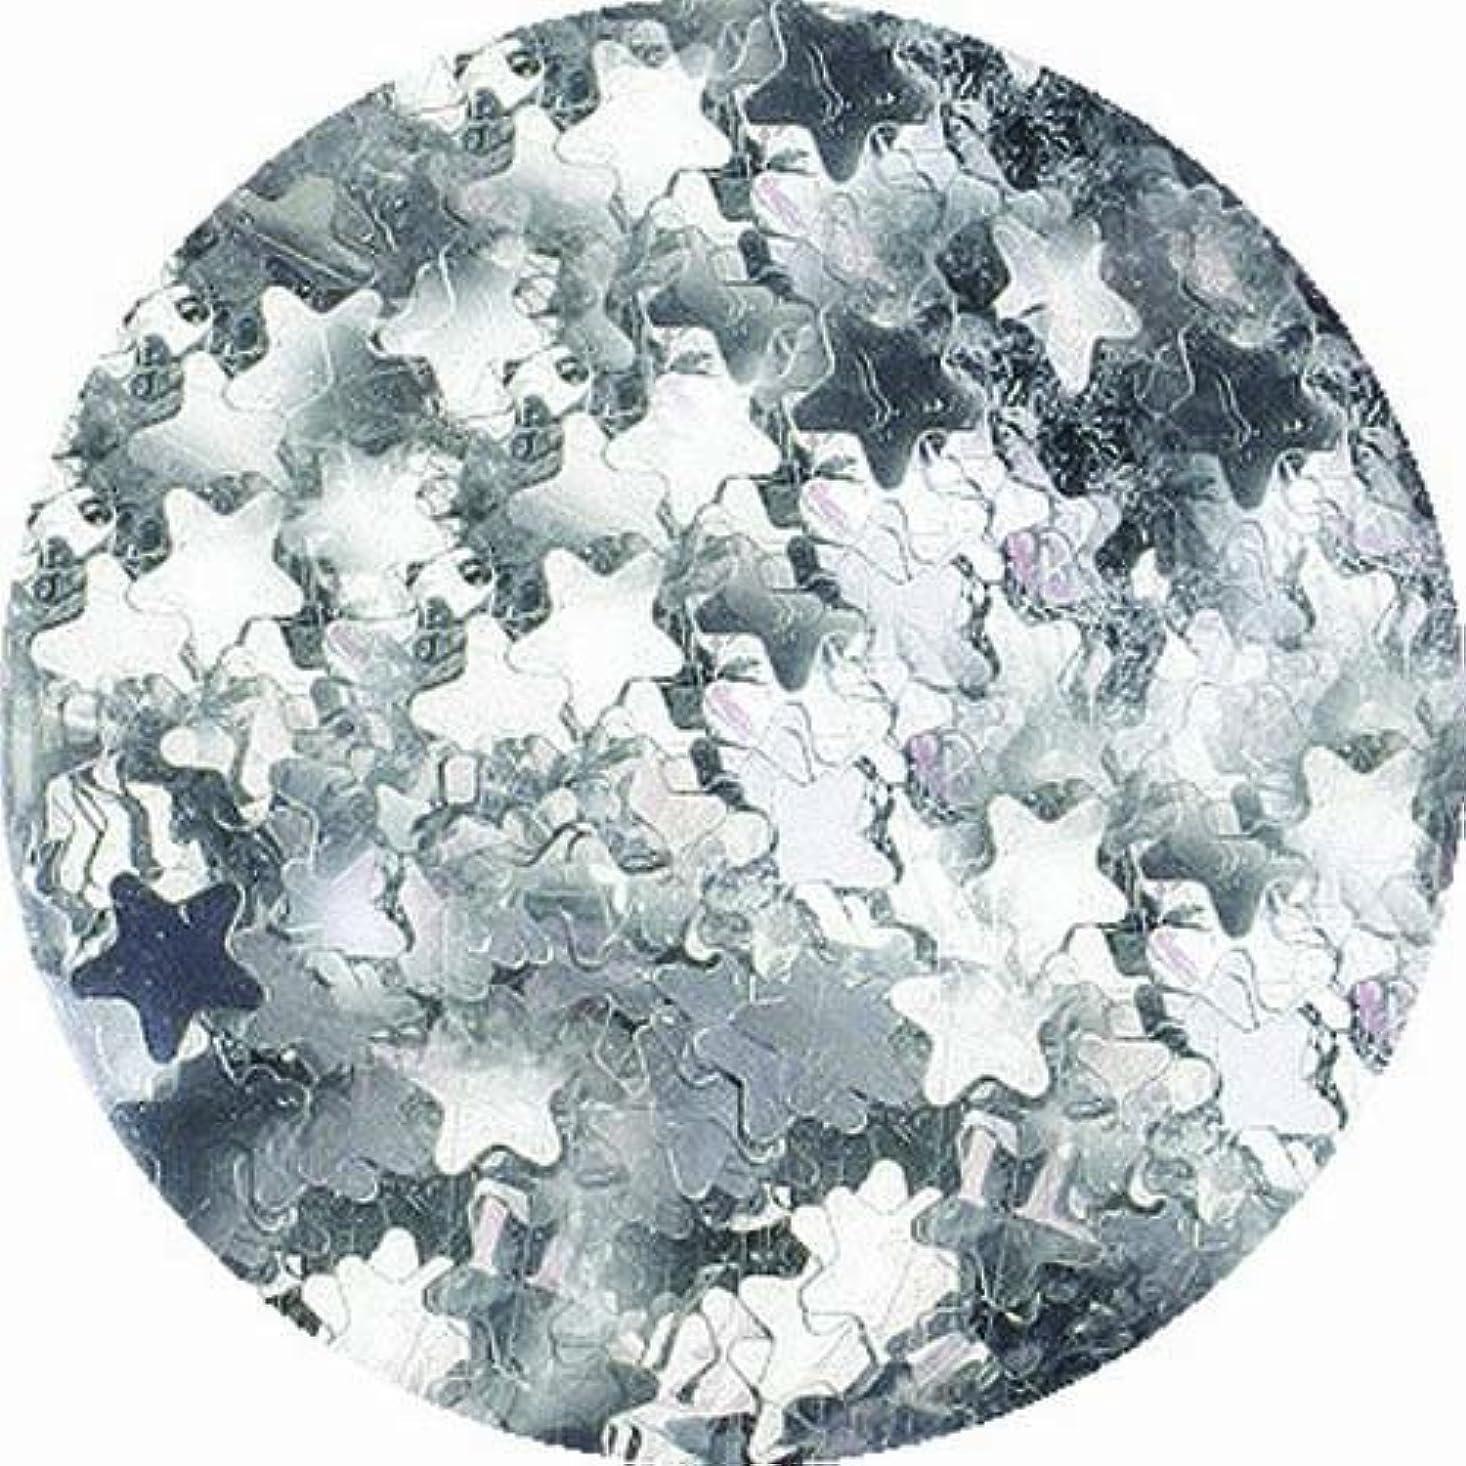 ジェーンオースティン残るカセットビューティーネイラー ネイル用パウダー 黒崎えり子 ジュエリーコレクション シルバースター